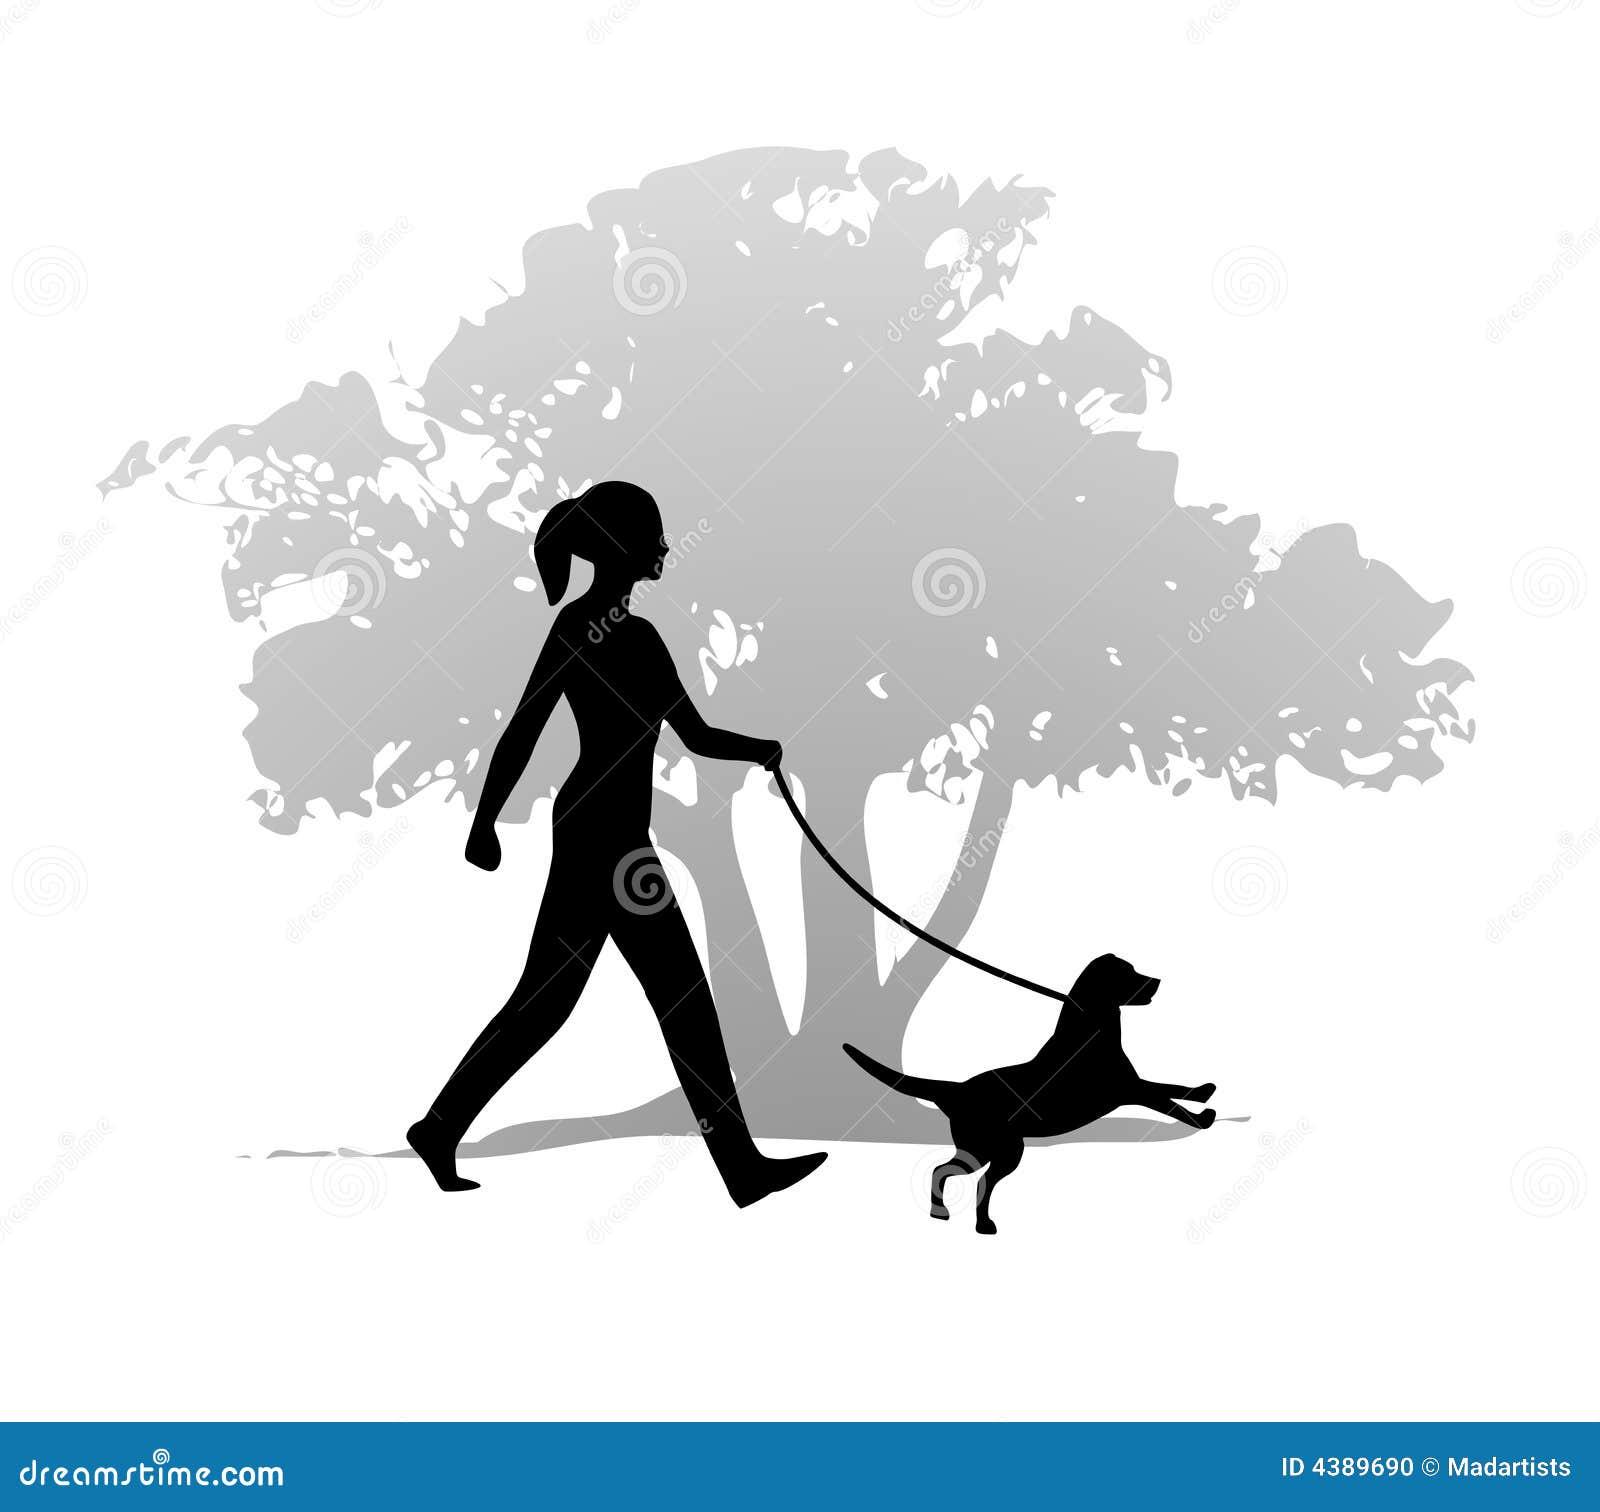 Silhouette Woman Walking Dogs